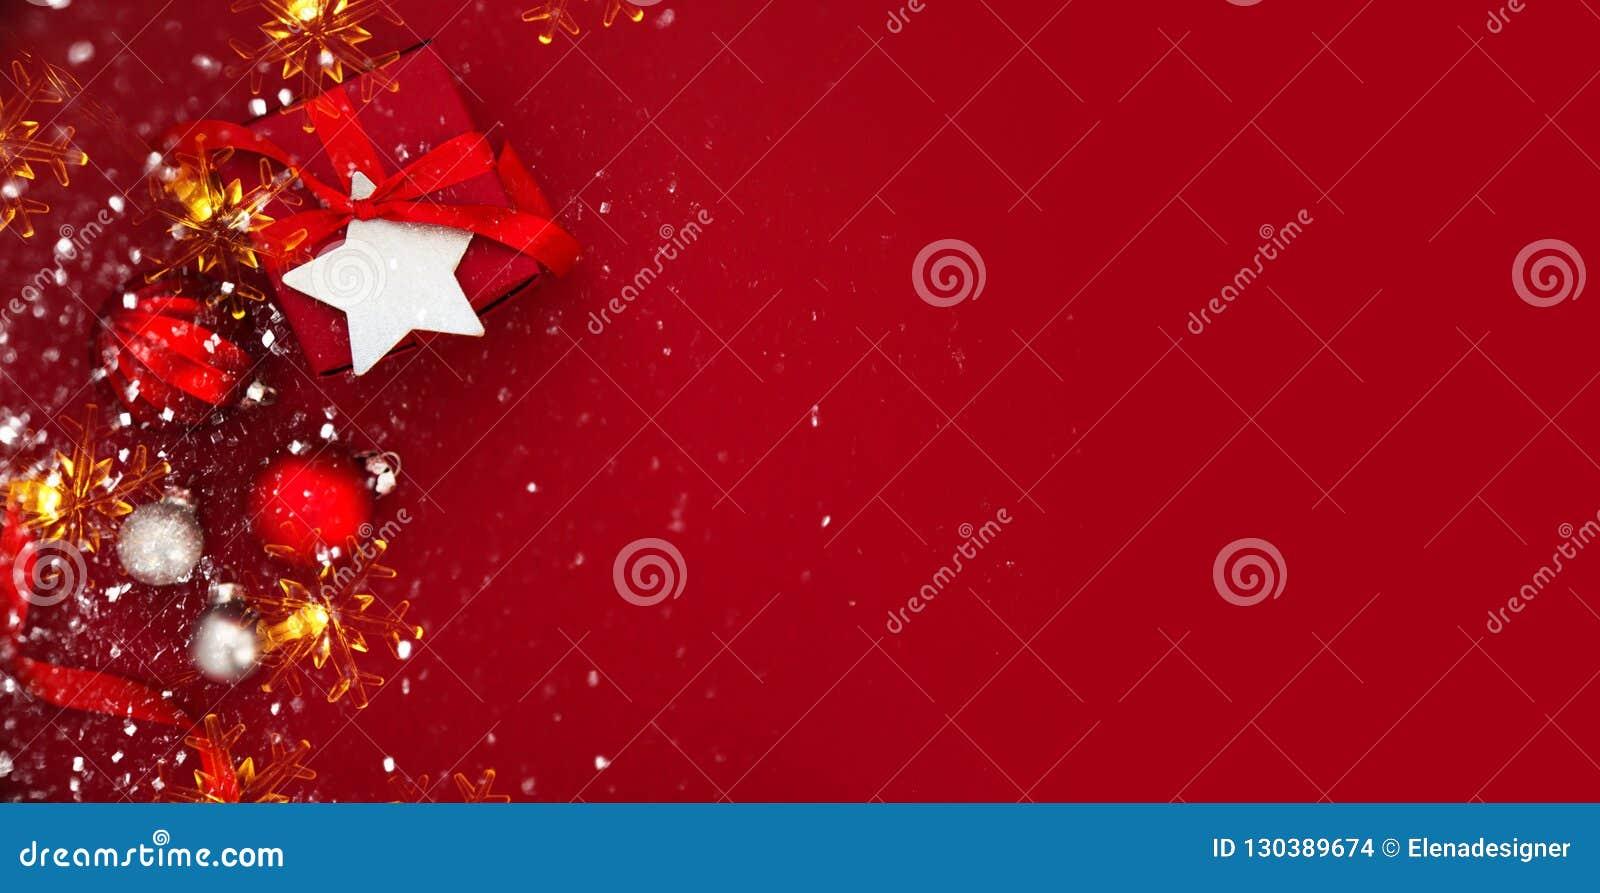 Kerstmis en Nieuwjaarvakantieachtergrond De groetkaart van Kerstmis De vakantie van de winter